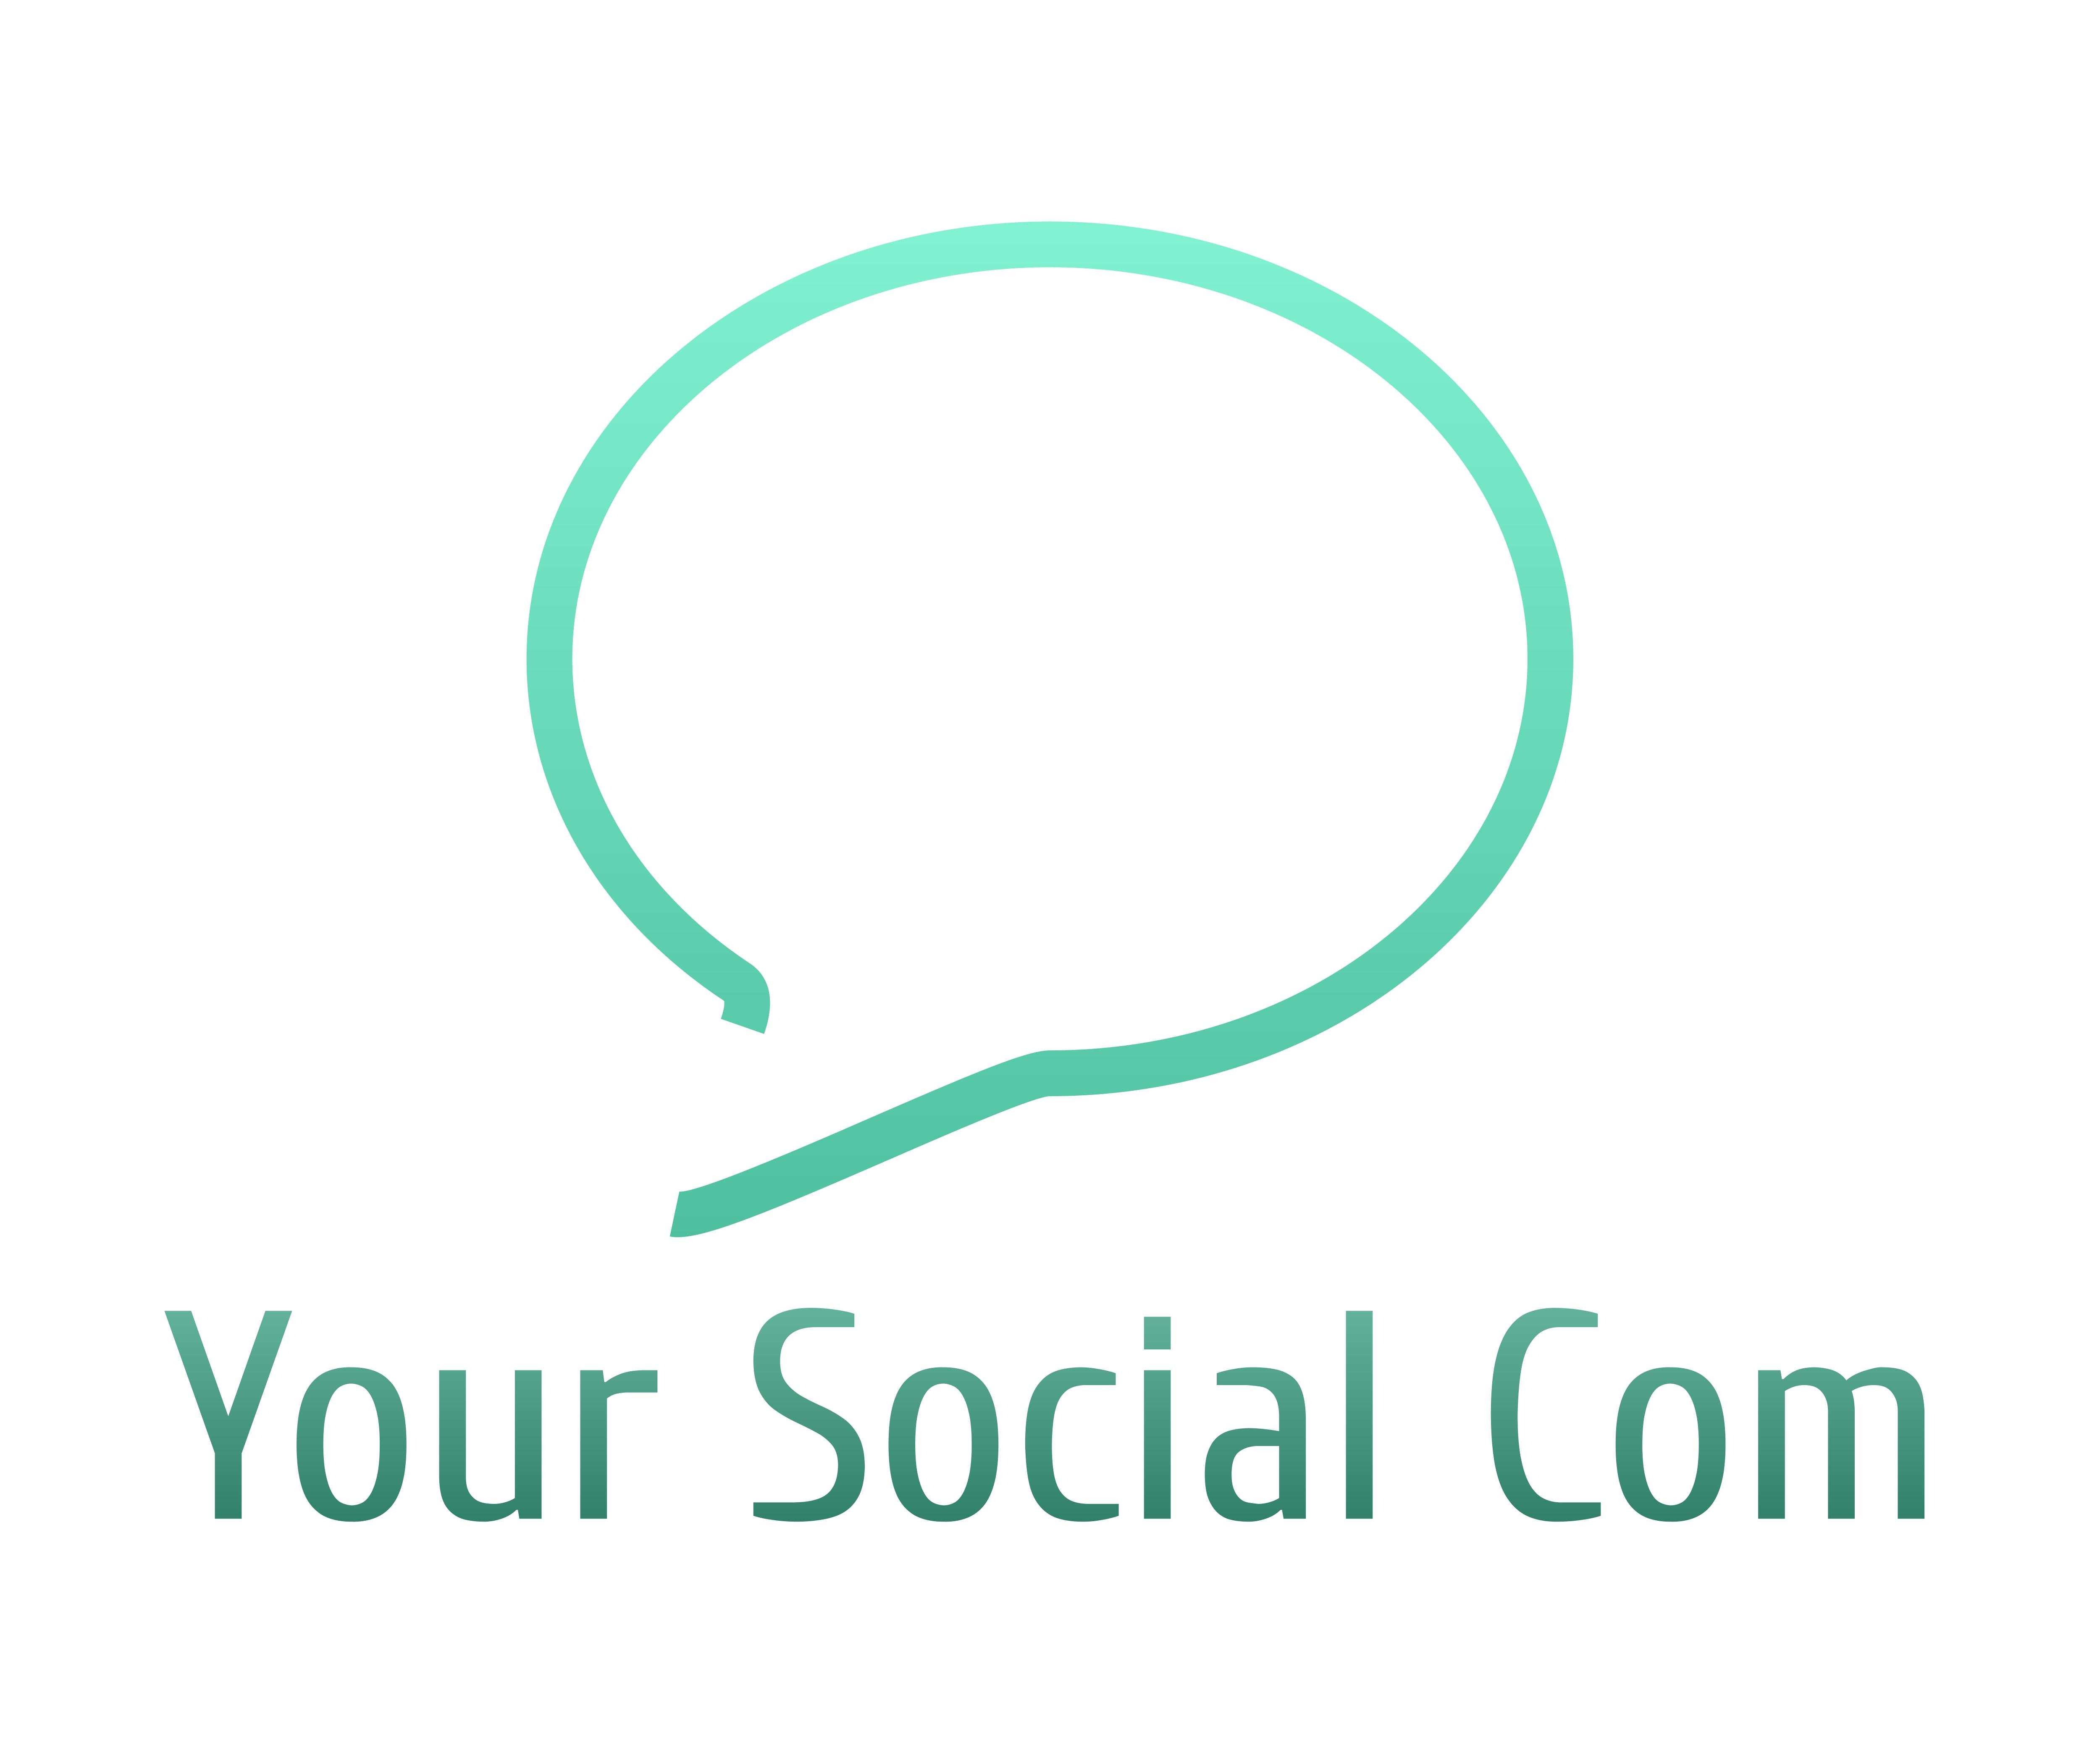 Your Social Com